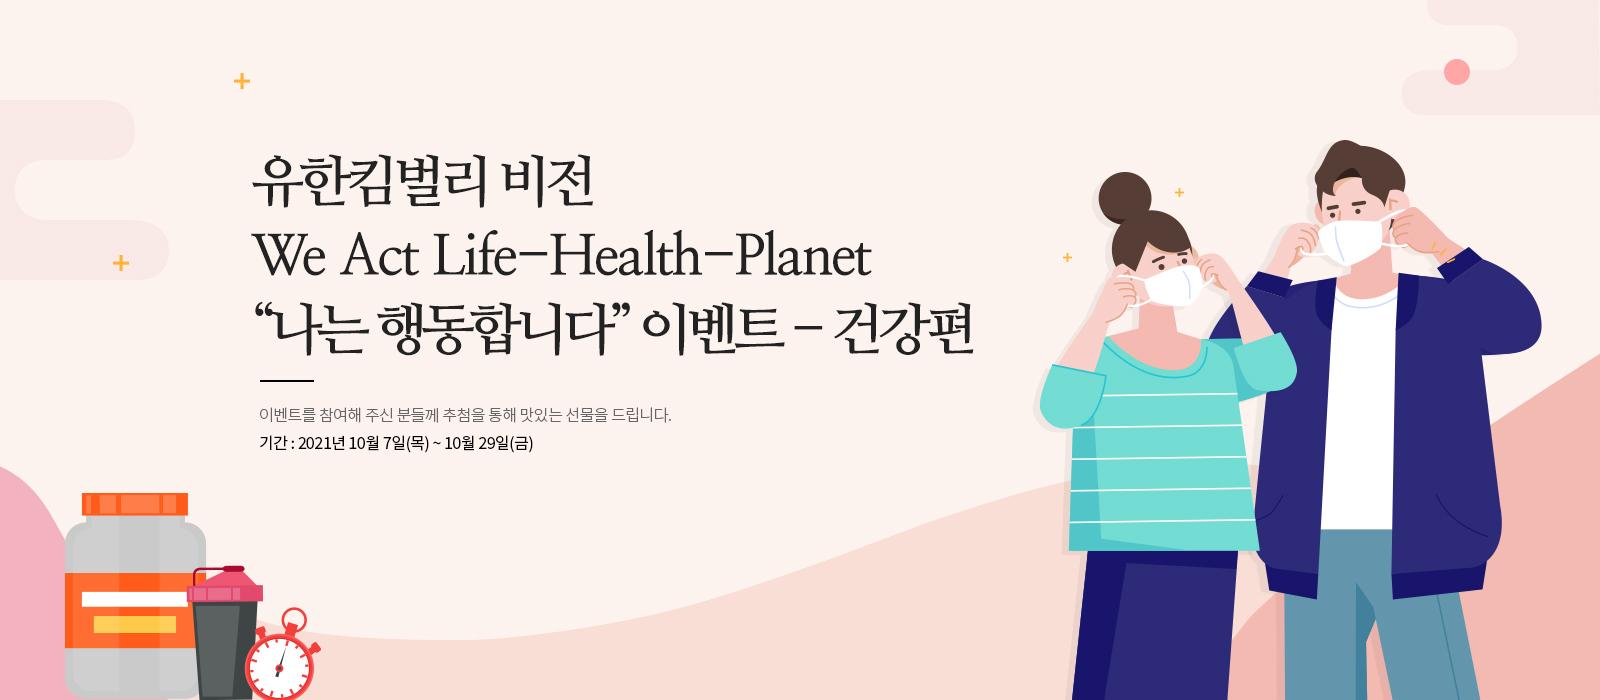 유한킴벌리 비전 We Act Life-Health-Planet 나는 행동합니다 이벤트 건강편 이벤트를 참여해 주신 분들께 추첨을 통해 맛있는 선물을 드립니다. 기간 2021년 10월 7일 목요일부터 10월 29일 금요일까지